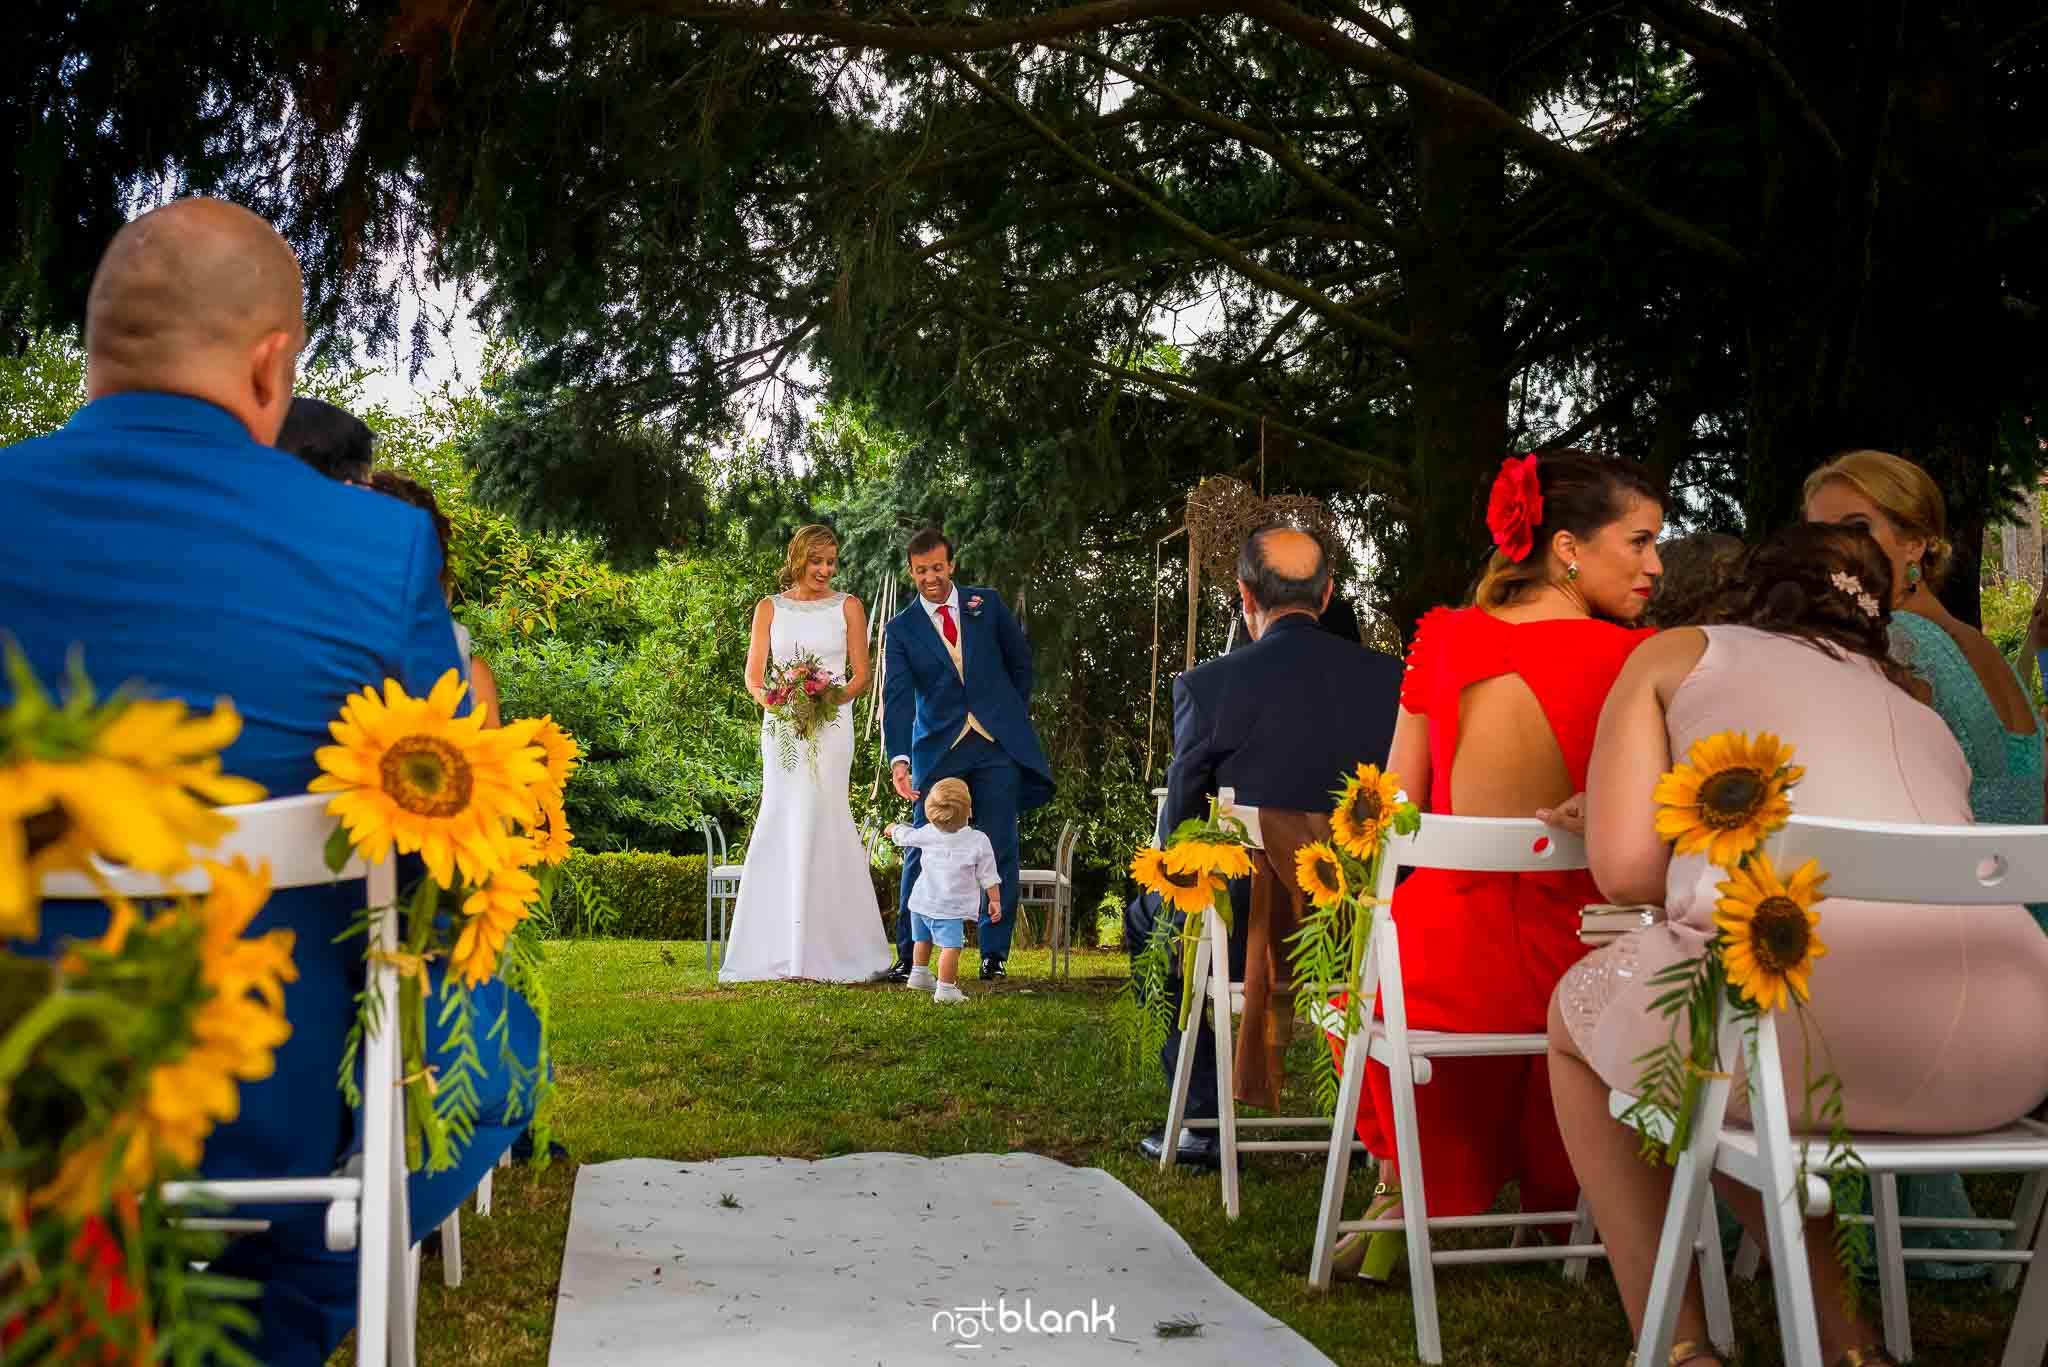 Boda En El Jardin De Casa Jana y Fran - Los novios miran sonriendo a su hijo pequeño que se acba de acercar a ellos durante la ceremonia civil - Notblank Fotografos de boda